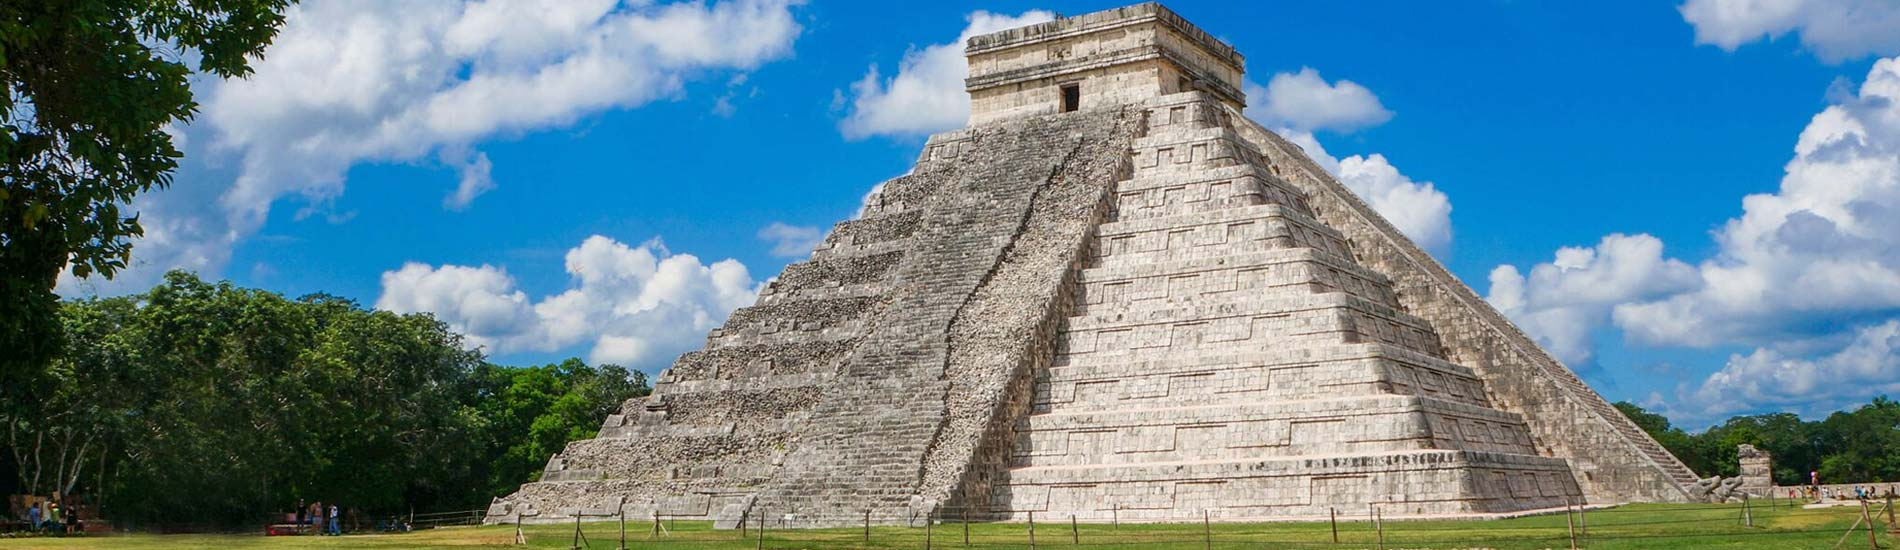 Mexico S Yucatan Peninsula Luxury Vacation Experience